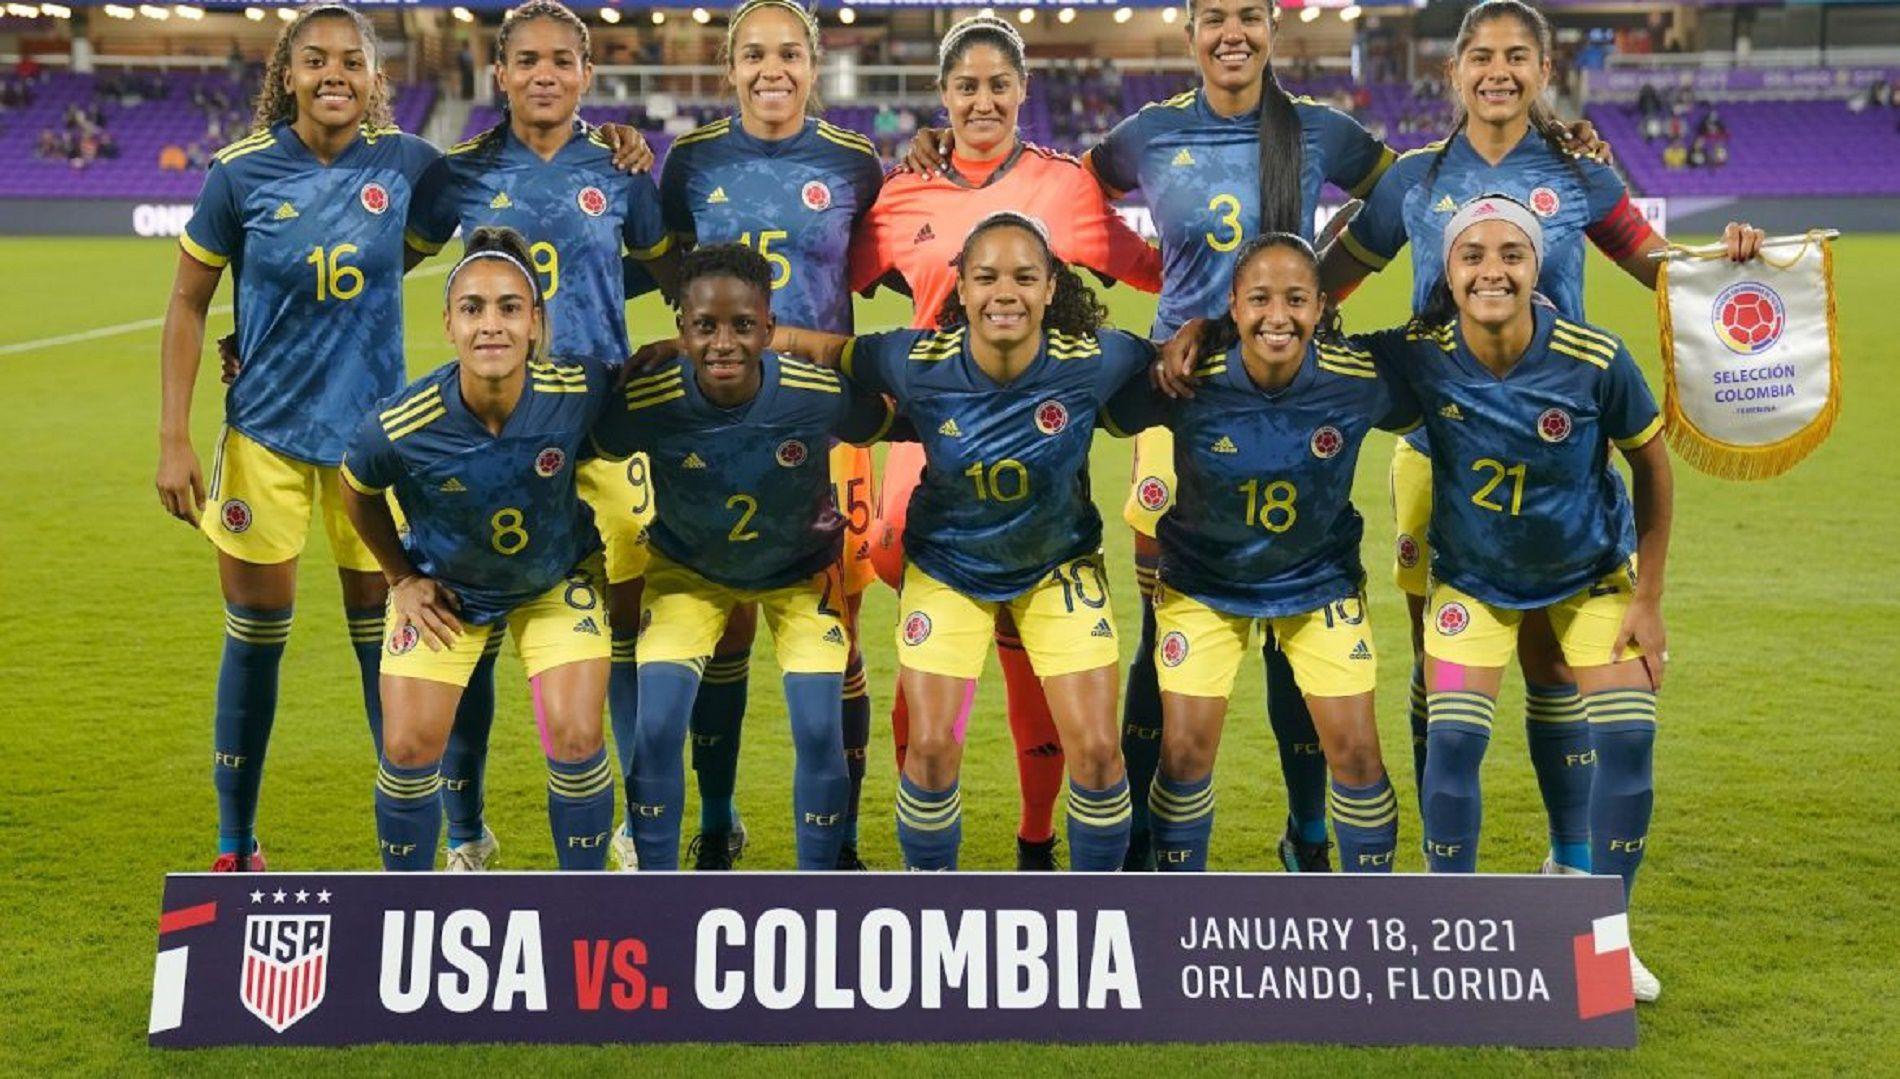 Alineación equipo Selección Colombia Femenina que enfrentó a Estados Unidos en Orlando, Florida, EU. Crédito Federación Colombiana de Fútbol